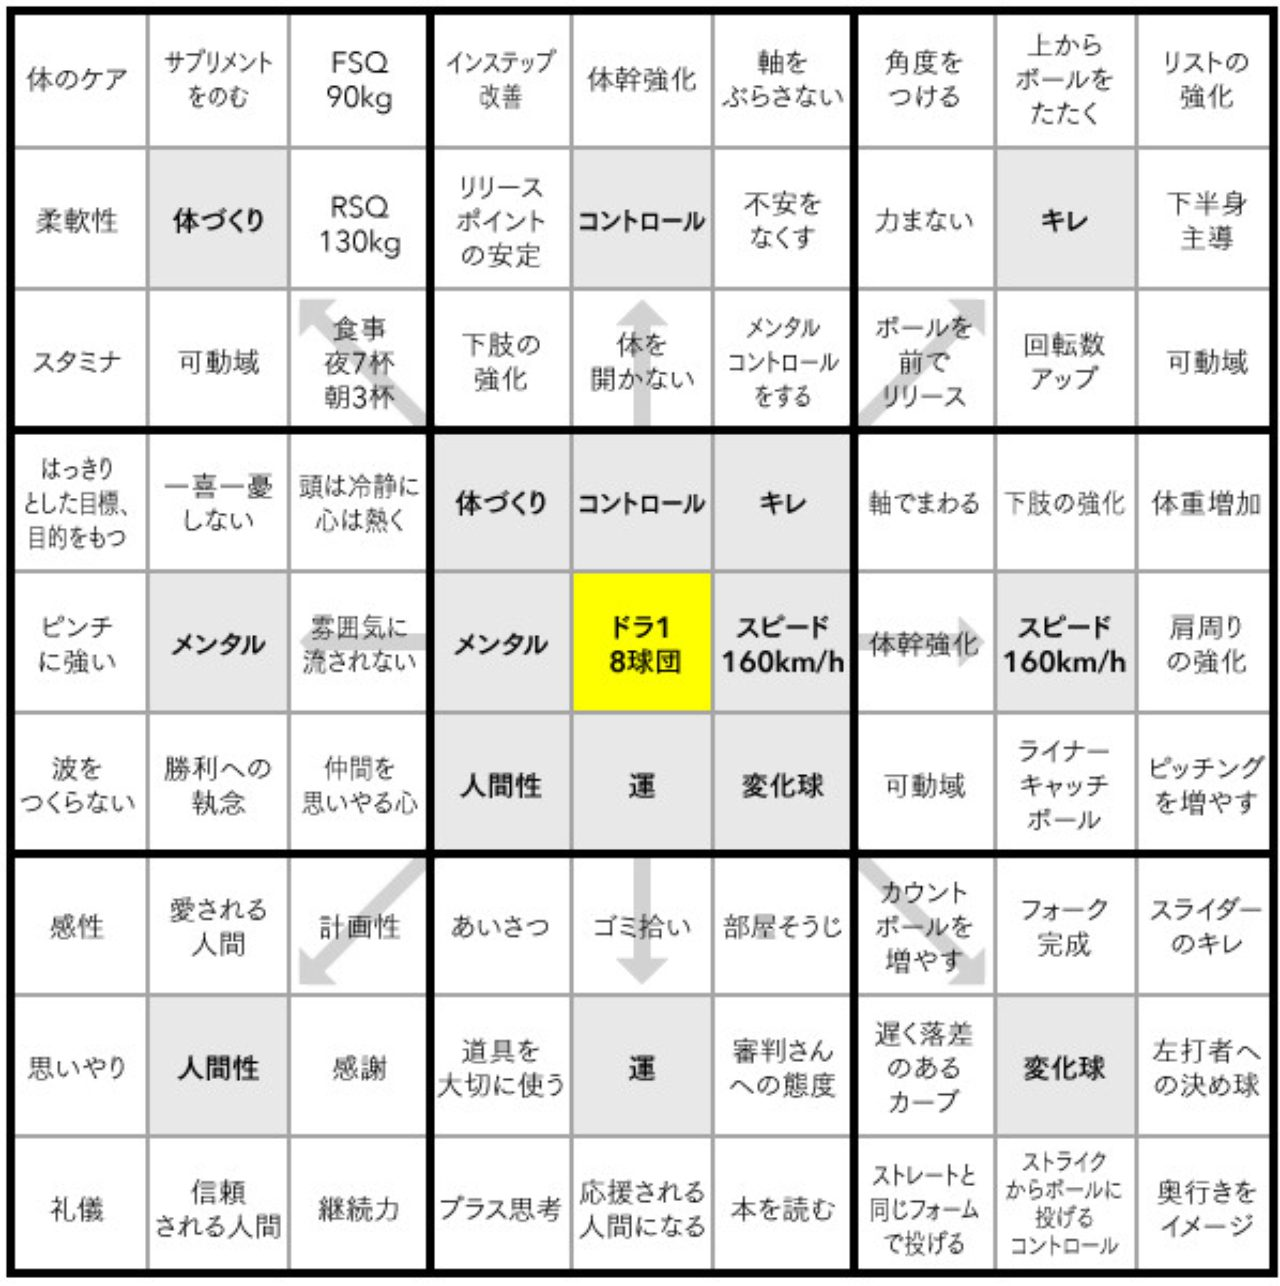 大谷 マンダラ チャート